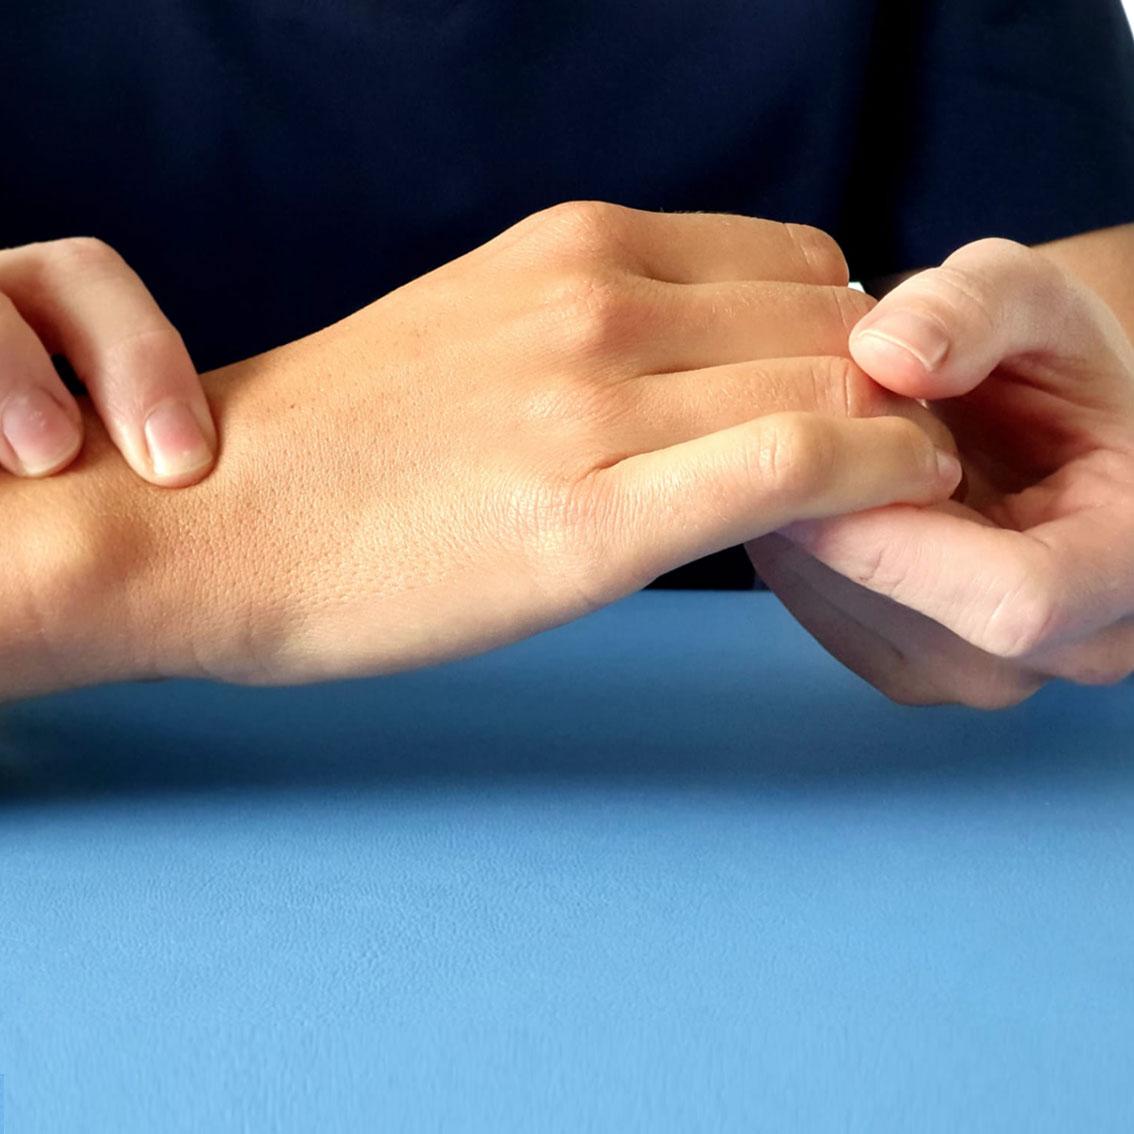 Kyste synovial, pathologie fréquente de la main